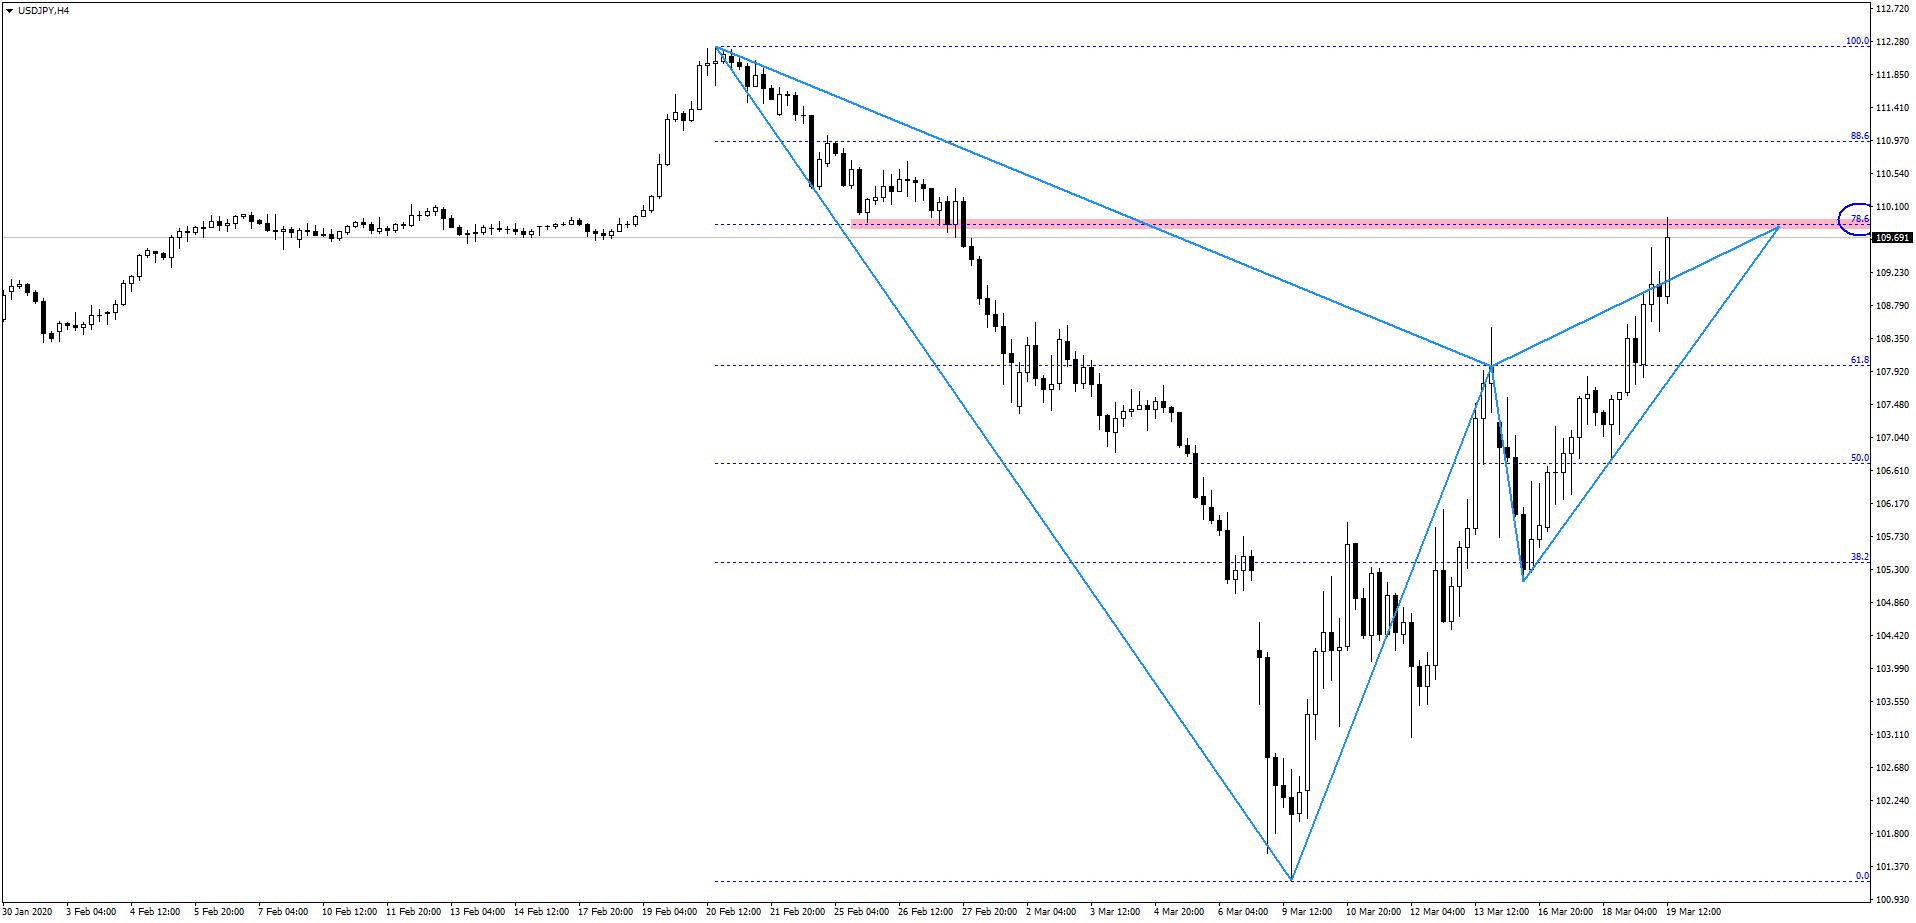 Amerykański dolar rośnie w siłę   potencjalny układ zwrotny na rynku USDJPY?